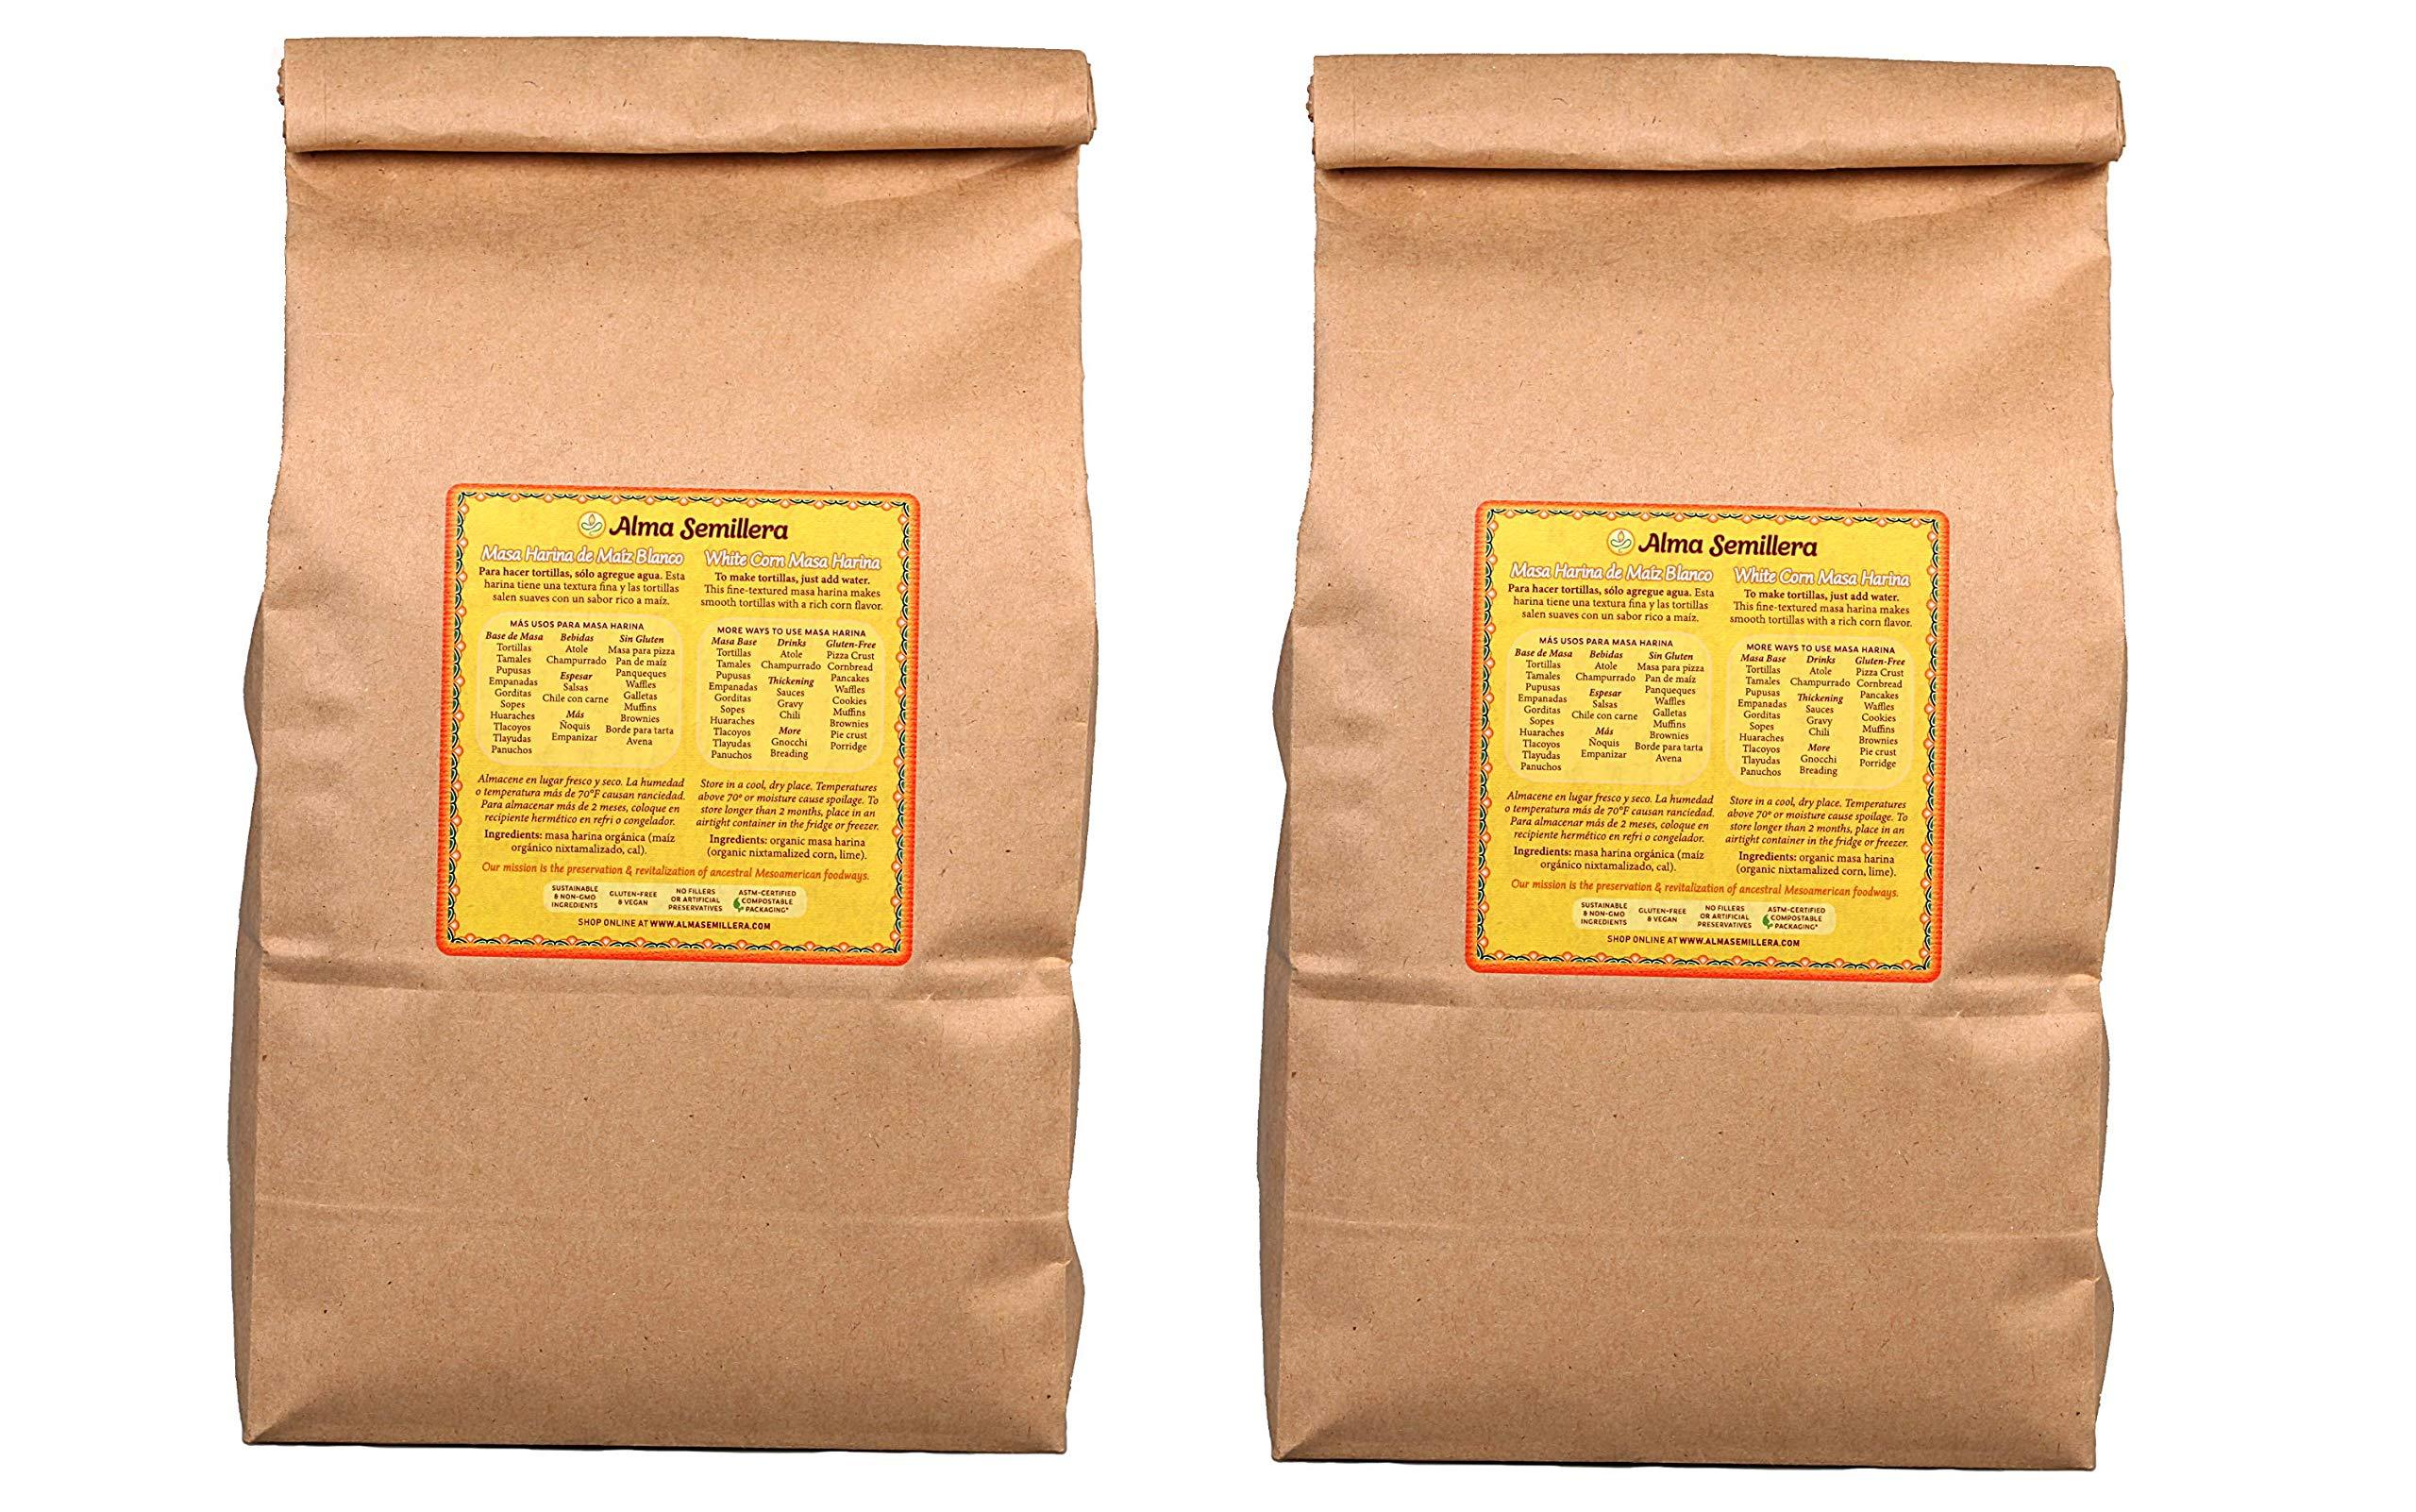 ALMA SEMILLERA White Corn Masa Harina - Non-GMO, Gluten Free, Vegan, Fine Texture (5lb - 2 Pack)